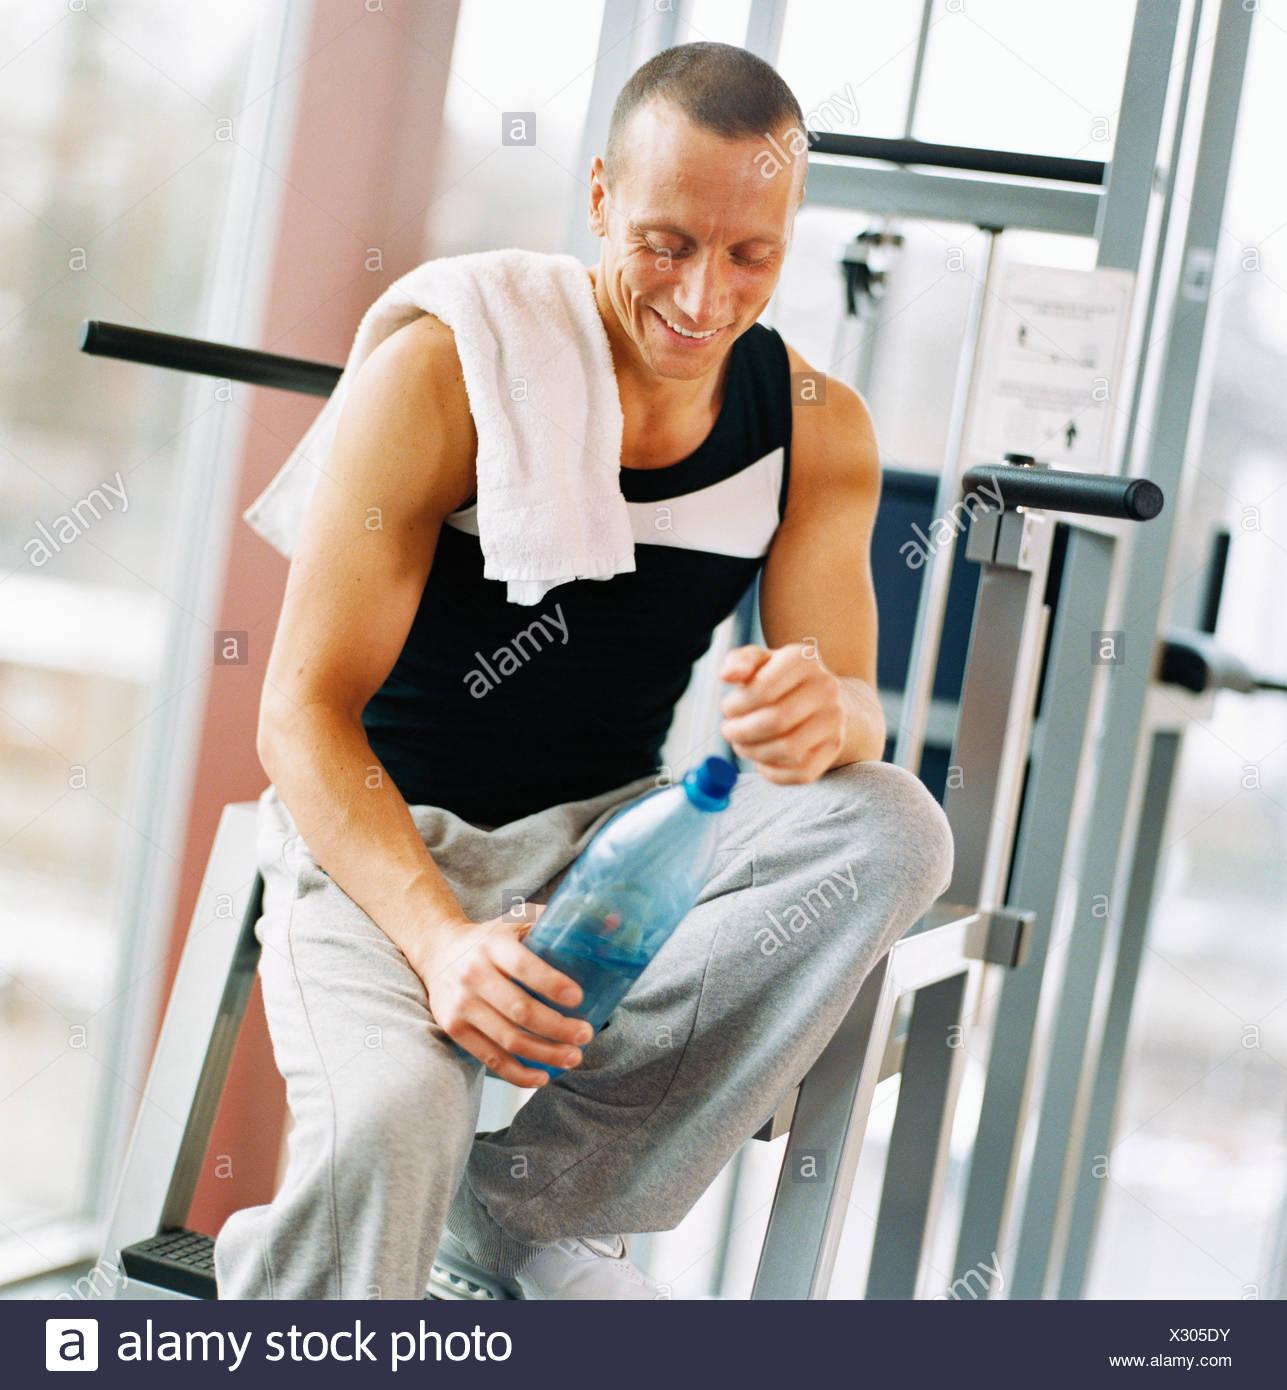 30-34 Jahre 45-49 Jahre Aktivität Erwachsene nur Sportler Bodybuilding Flasche Flasche Wasser Farbbild Ausübung Turnhalle glücklich Stockbild